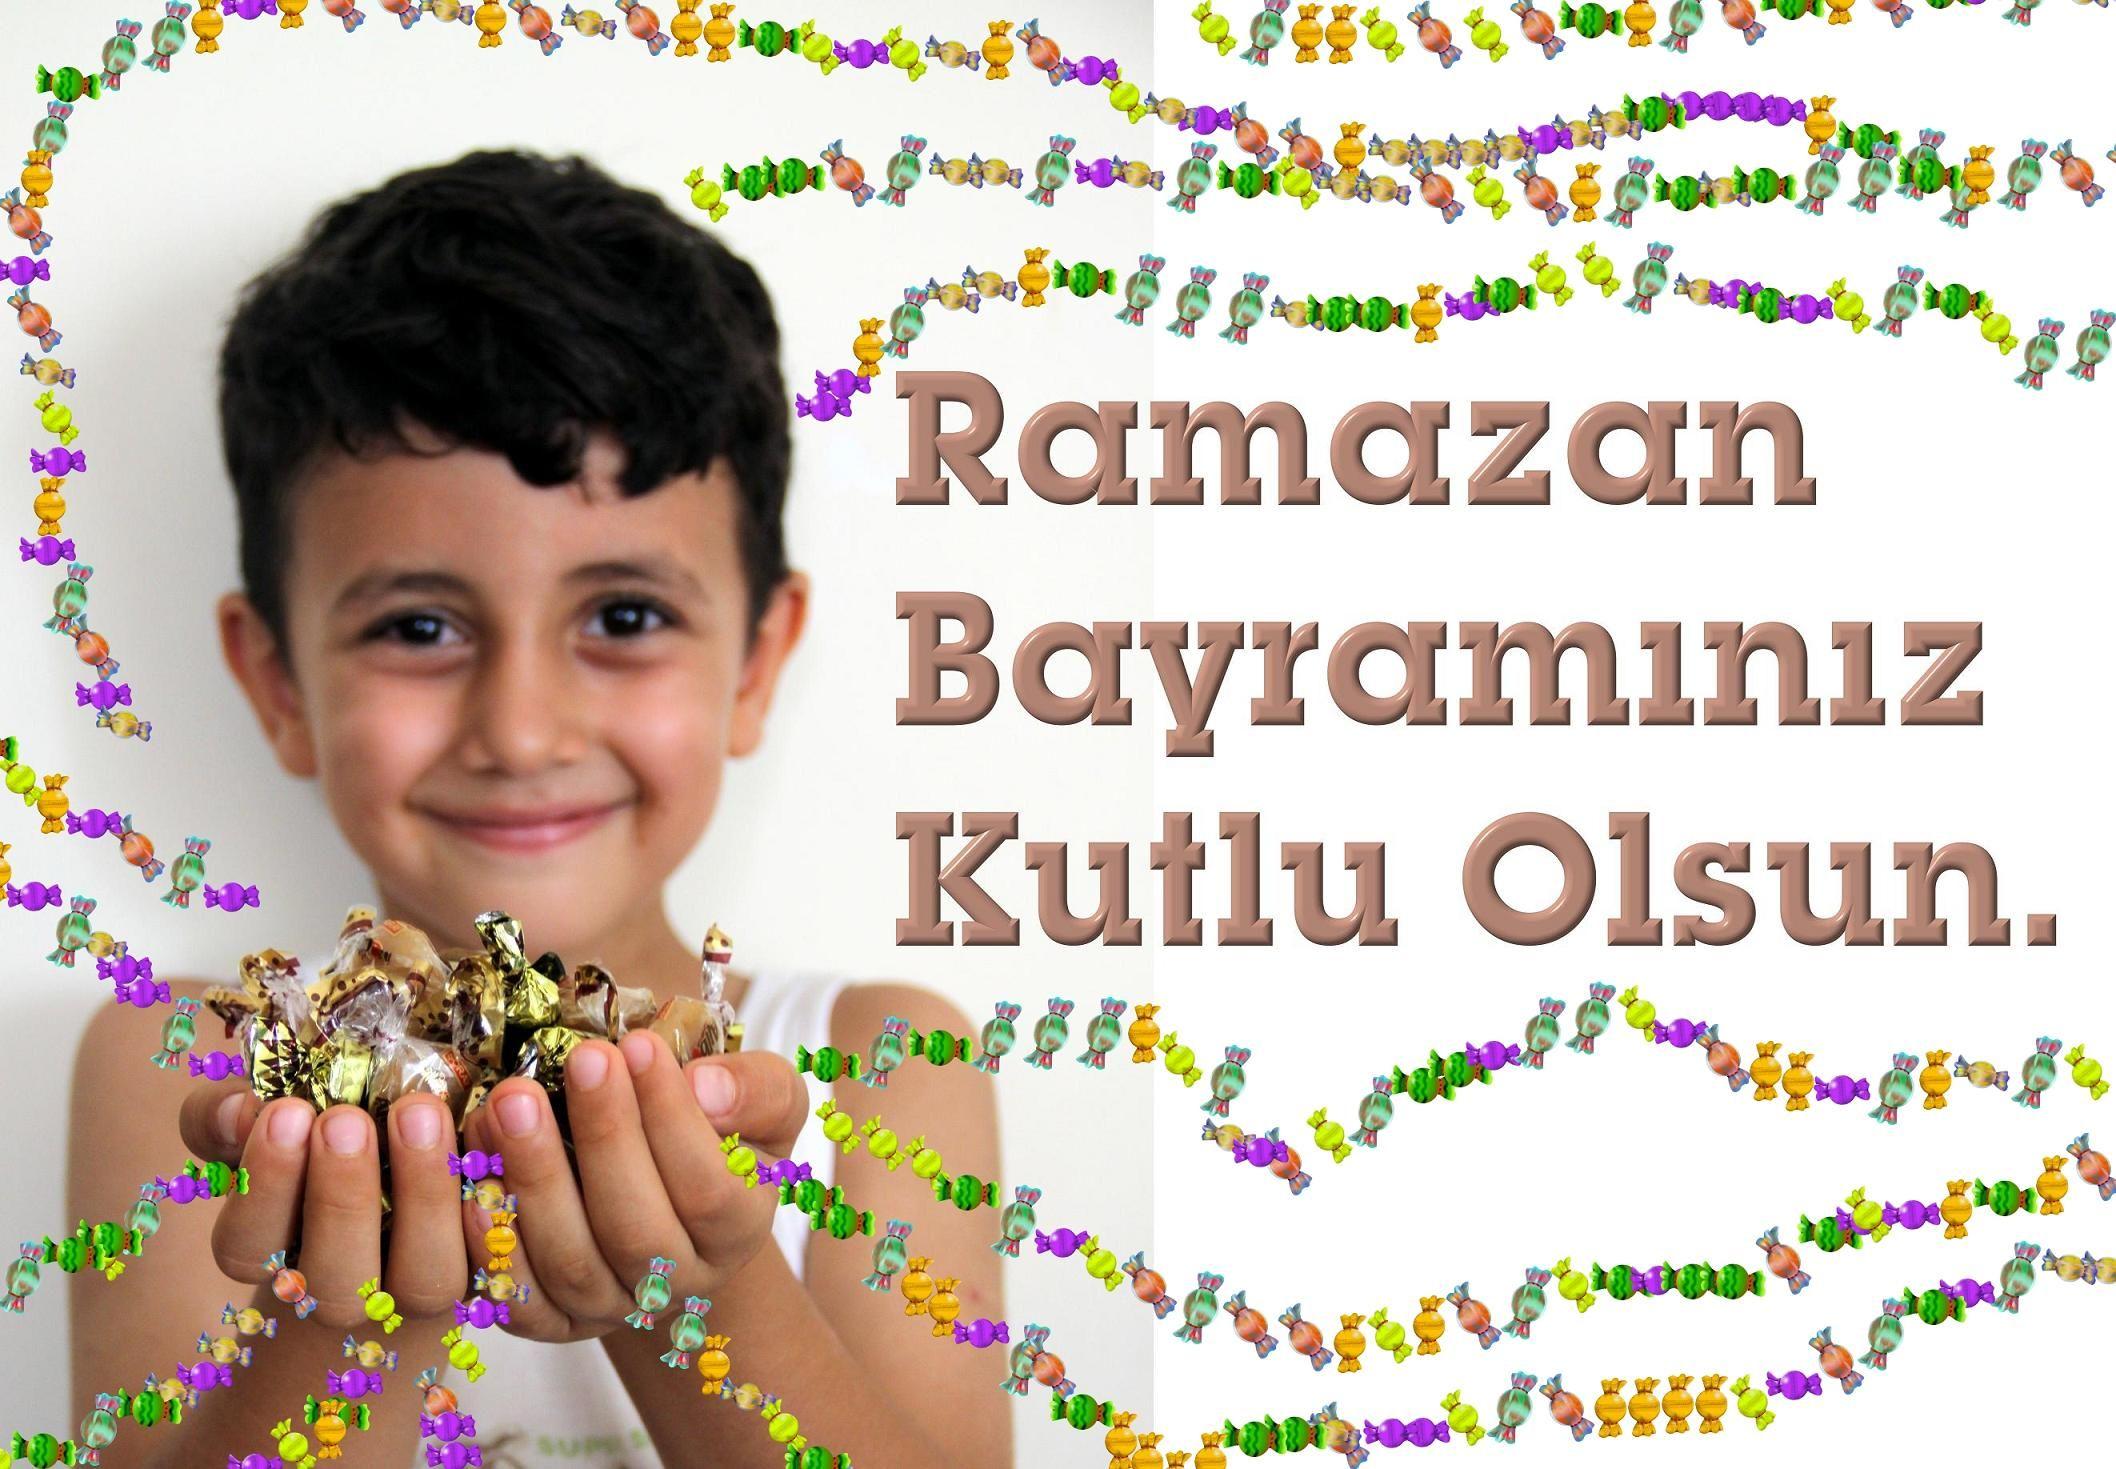 Bayram поздравления на турецком 17